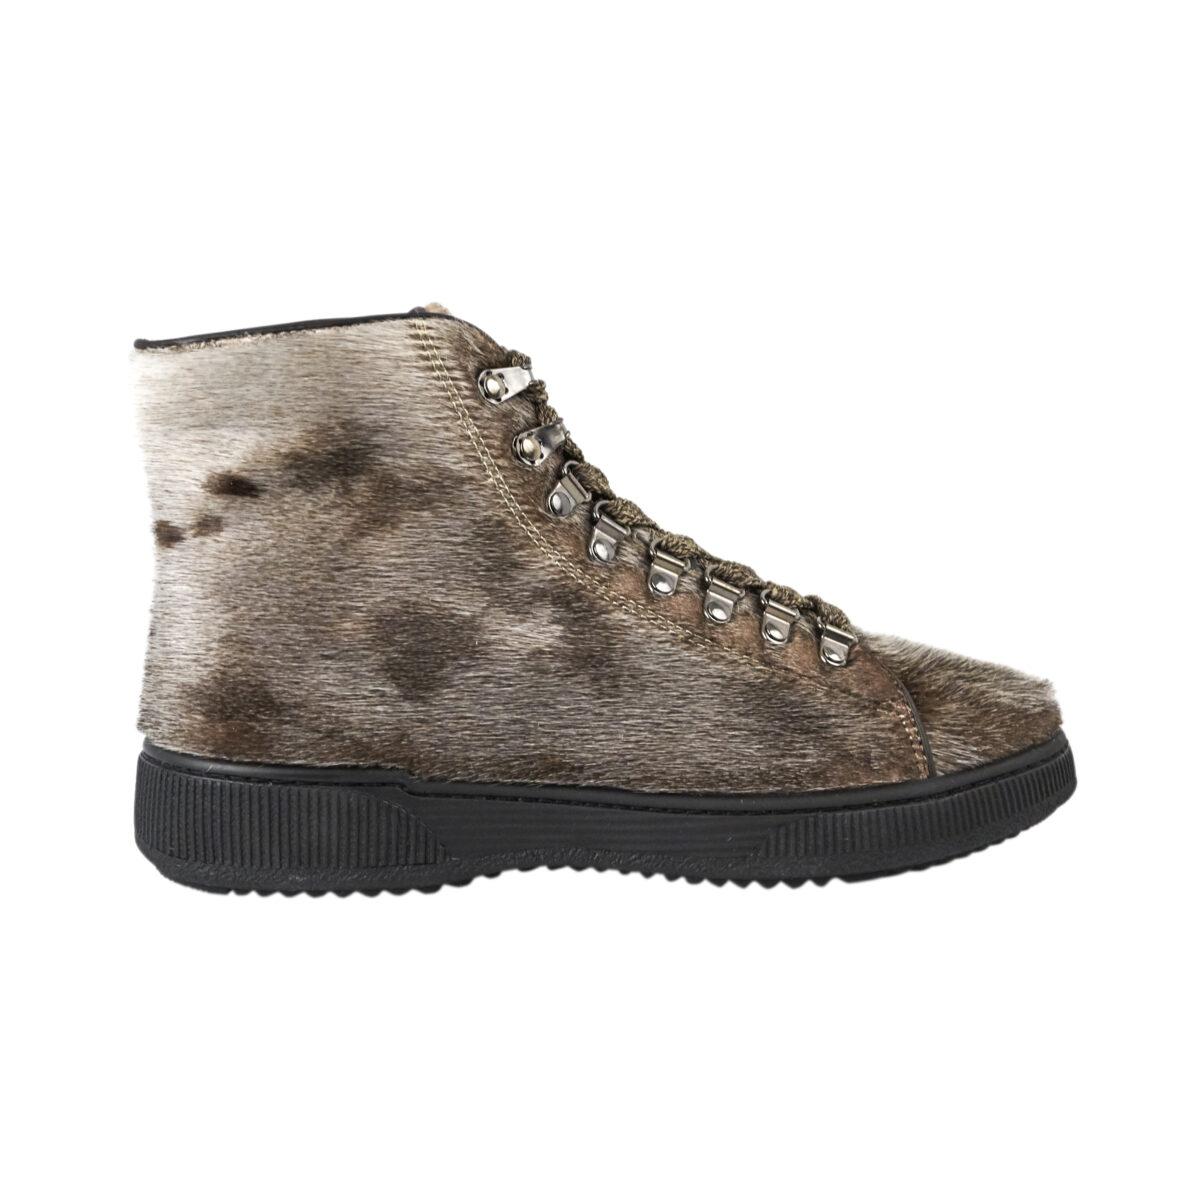 Hice støvle i natur sælskind - Hiking boot